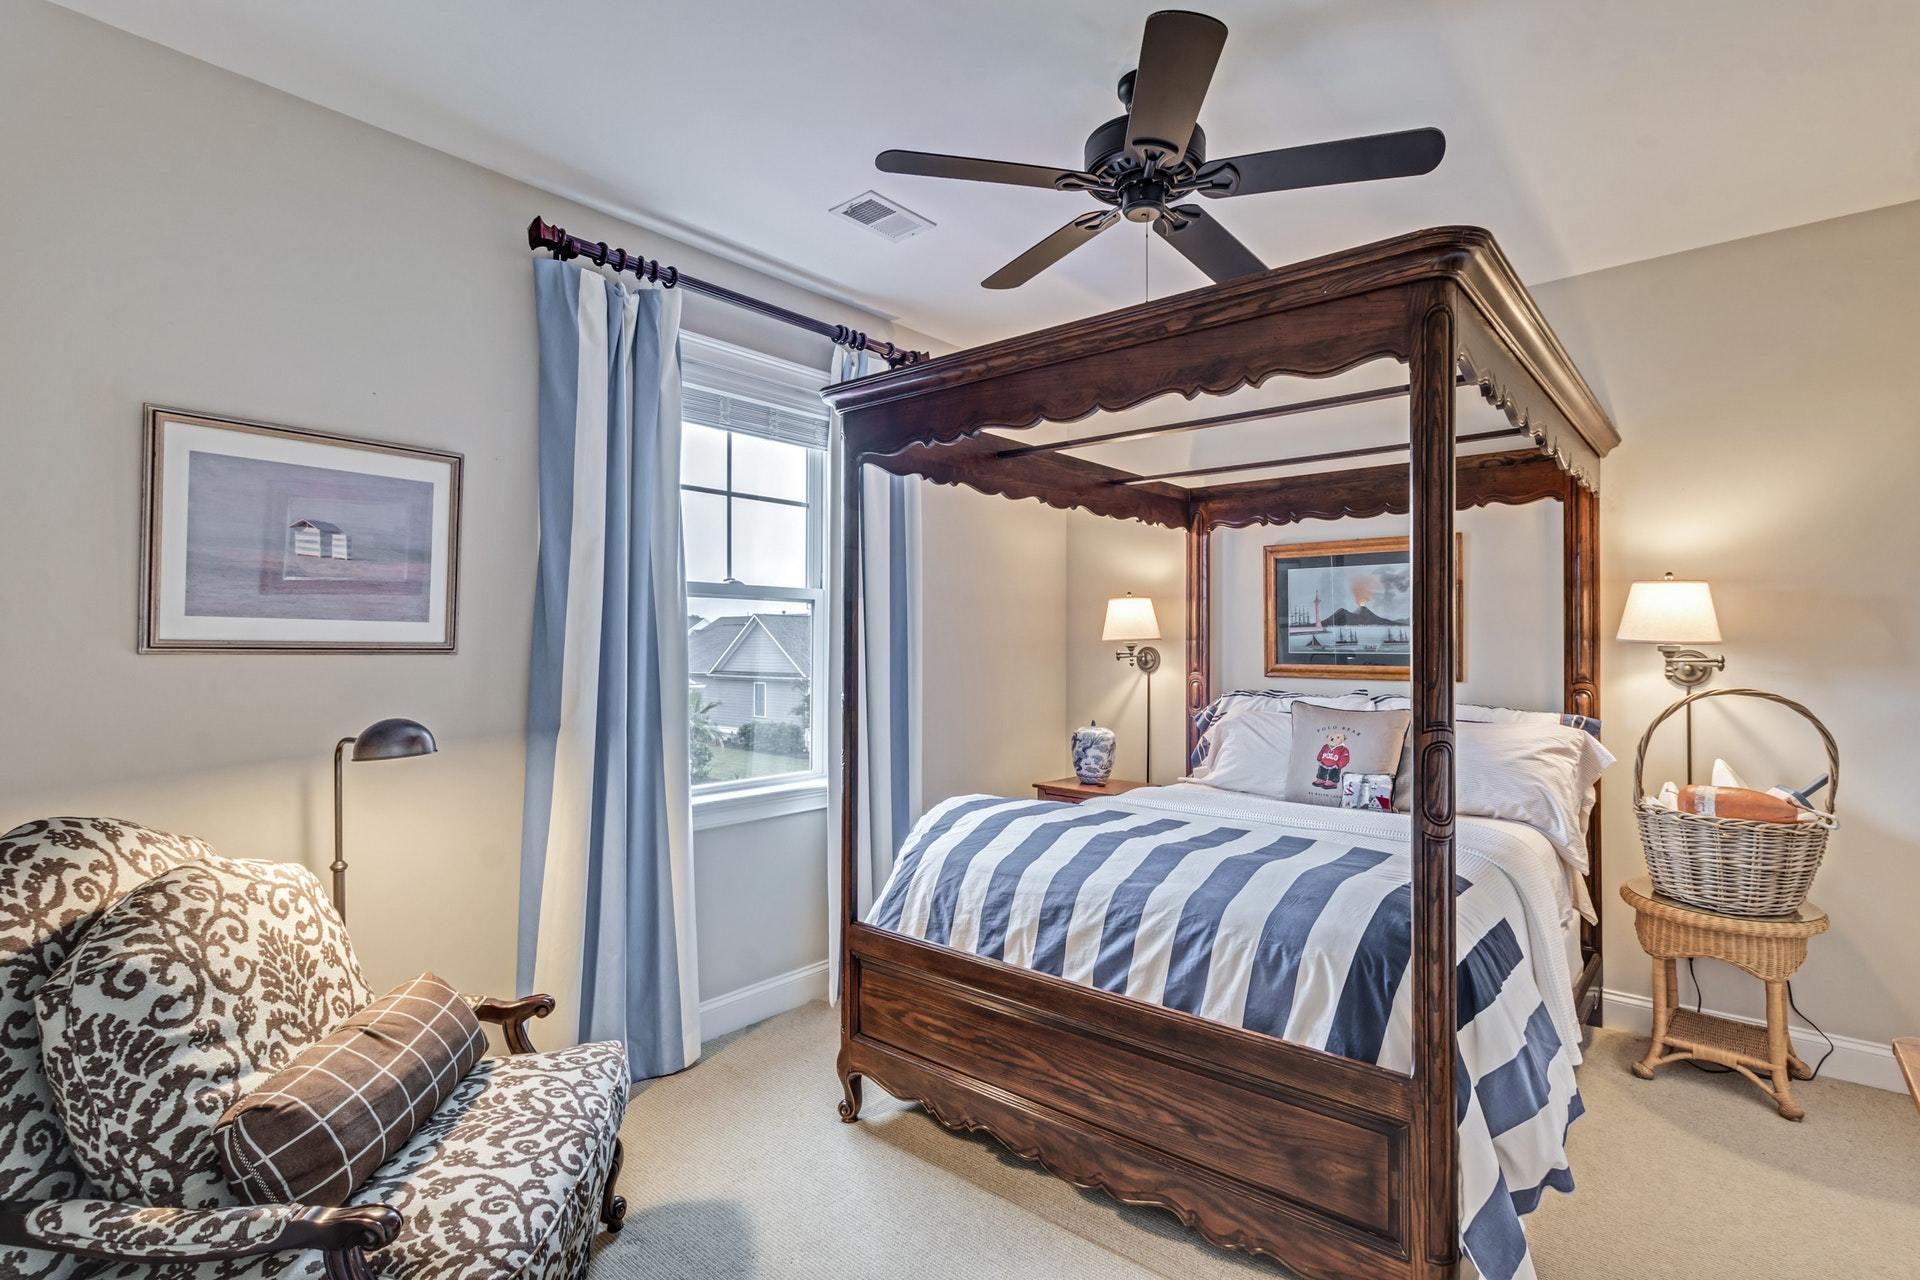 Dunes West Homes For Sale - 2816 River Vista, Mount Pleasant, SC - 37